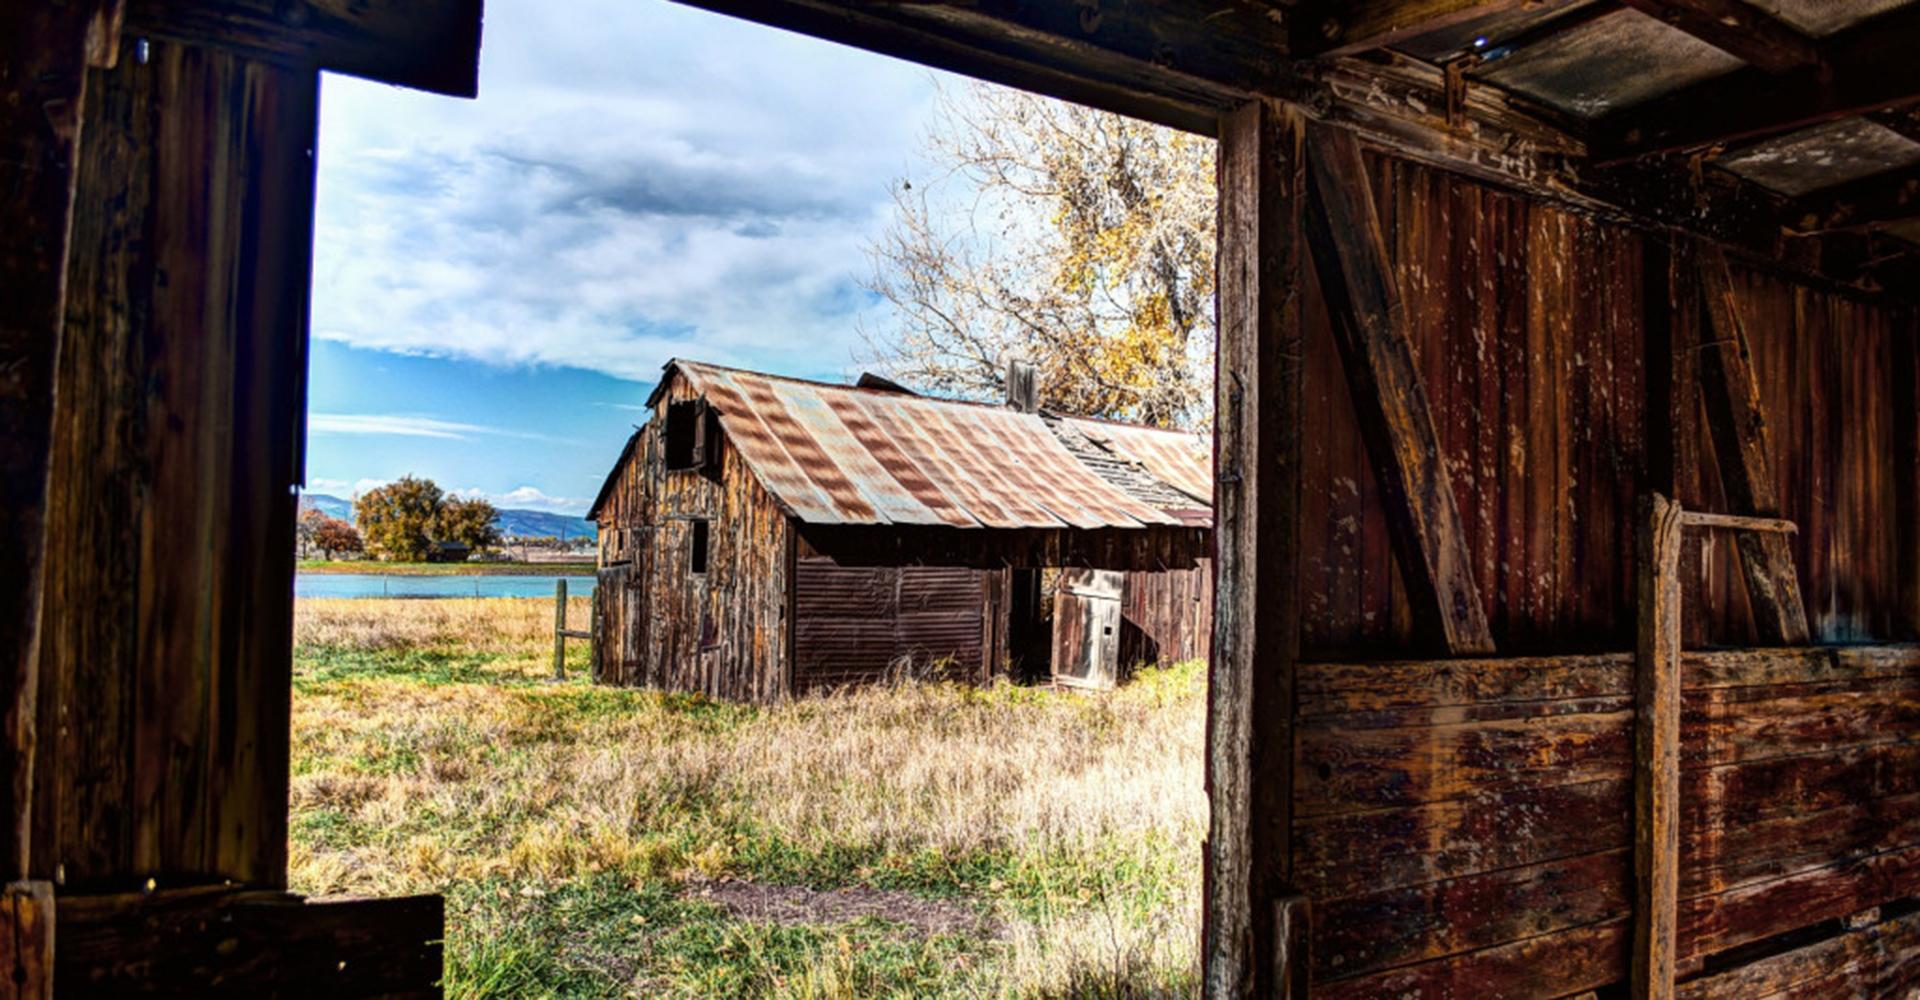 rural-216371-1024x680crop